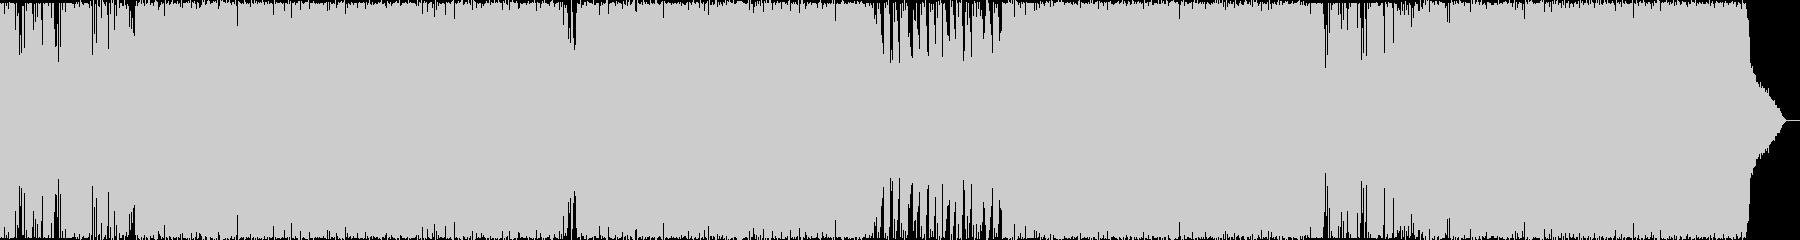 グルーヴスローファンク、オールディーズ。の未再生の波形